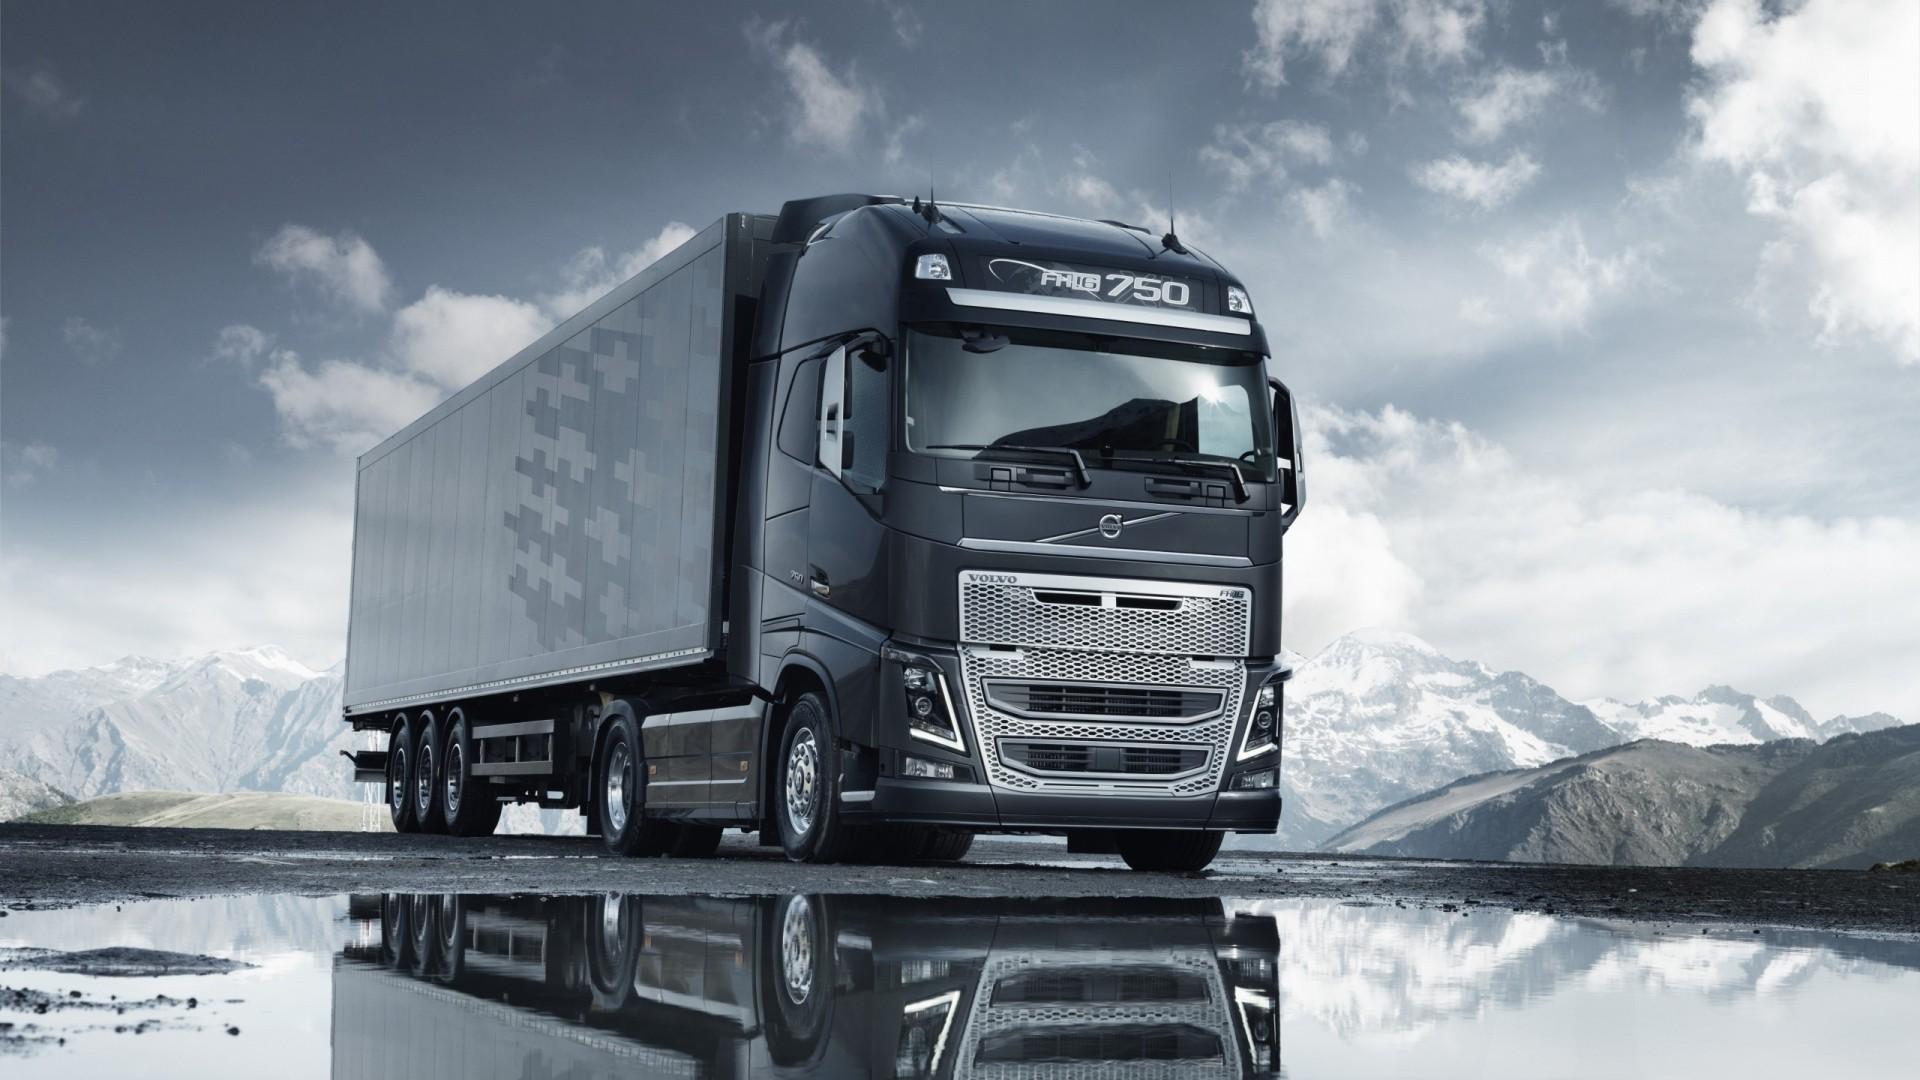 фото красивого грузового вольво профессиональная